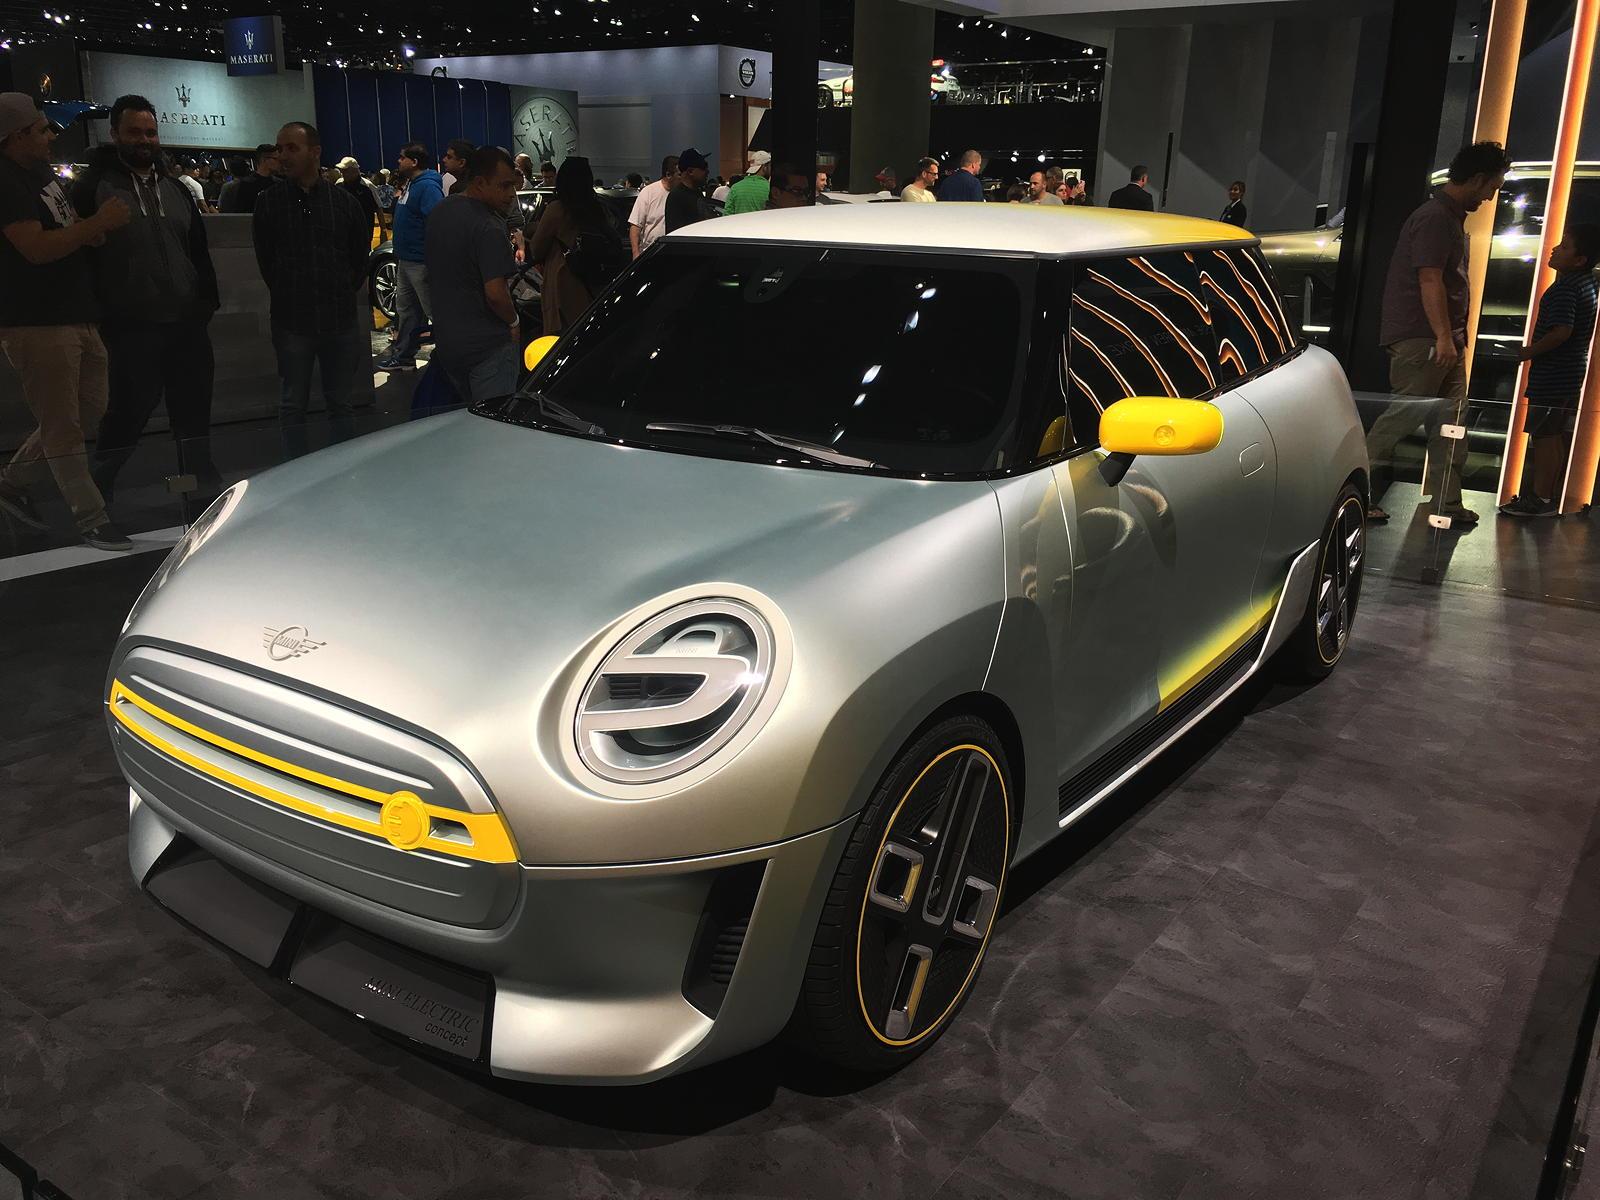 MINI Electric Concept Car at LA Auto Show – GeorgeCo SpecR53 Blog